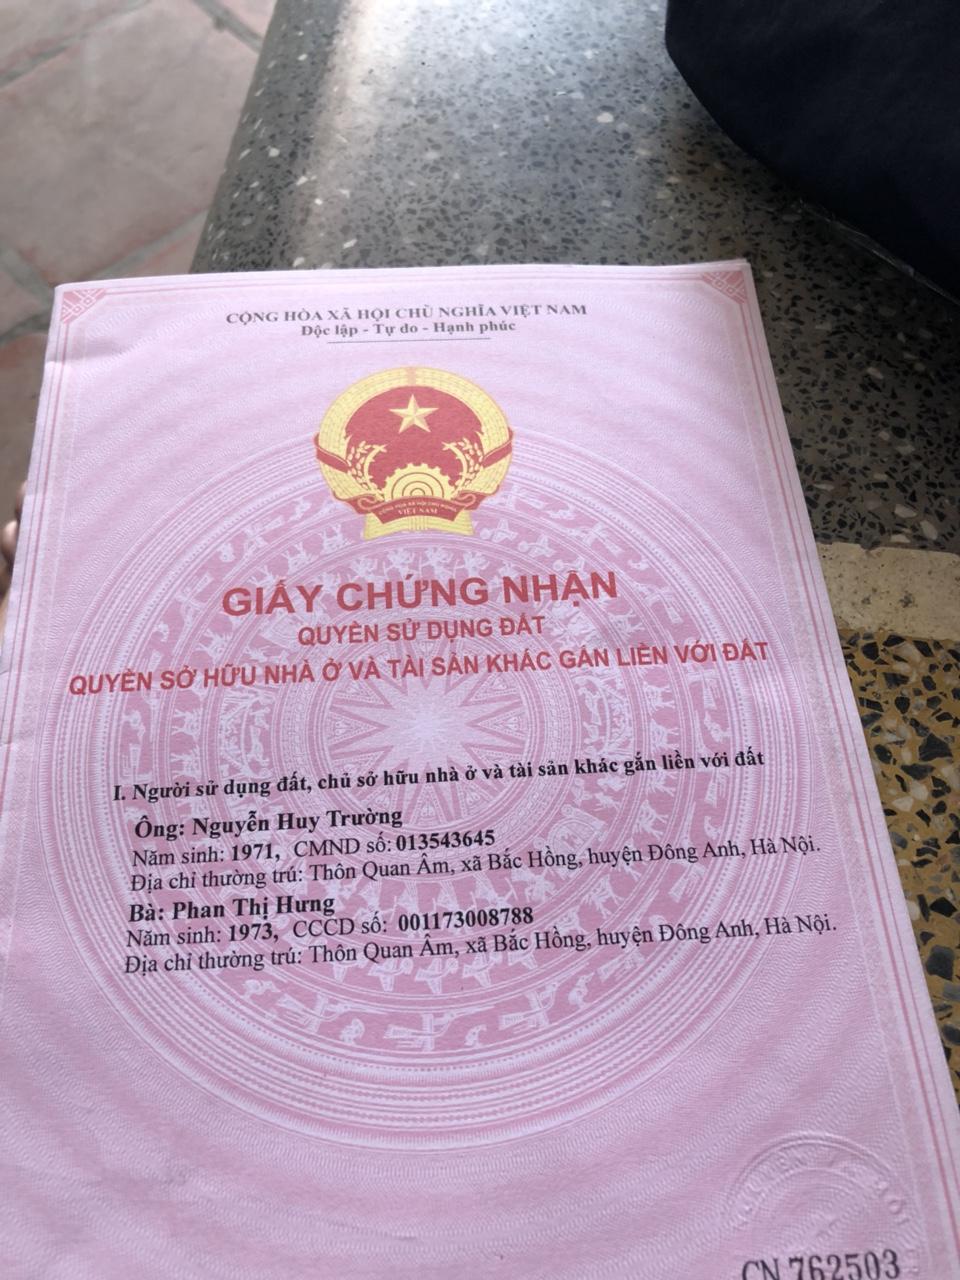 Bán 45m đất thổ cư thôn Quan Âm xã Bắc Hồng Đông Anh Hn